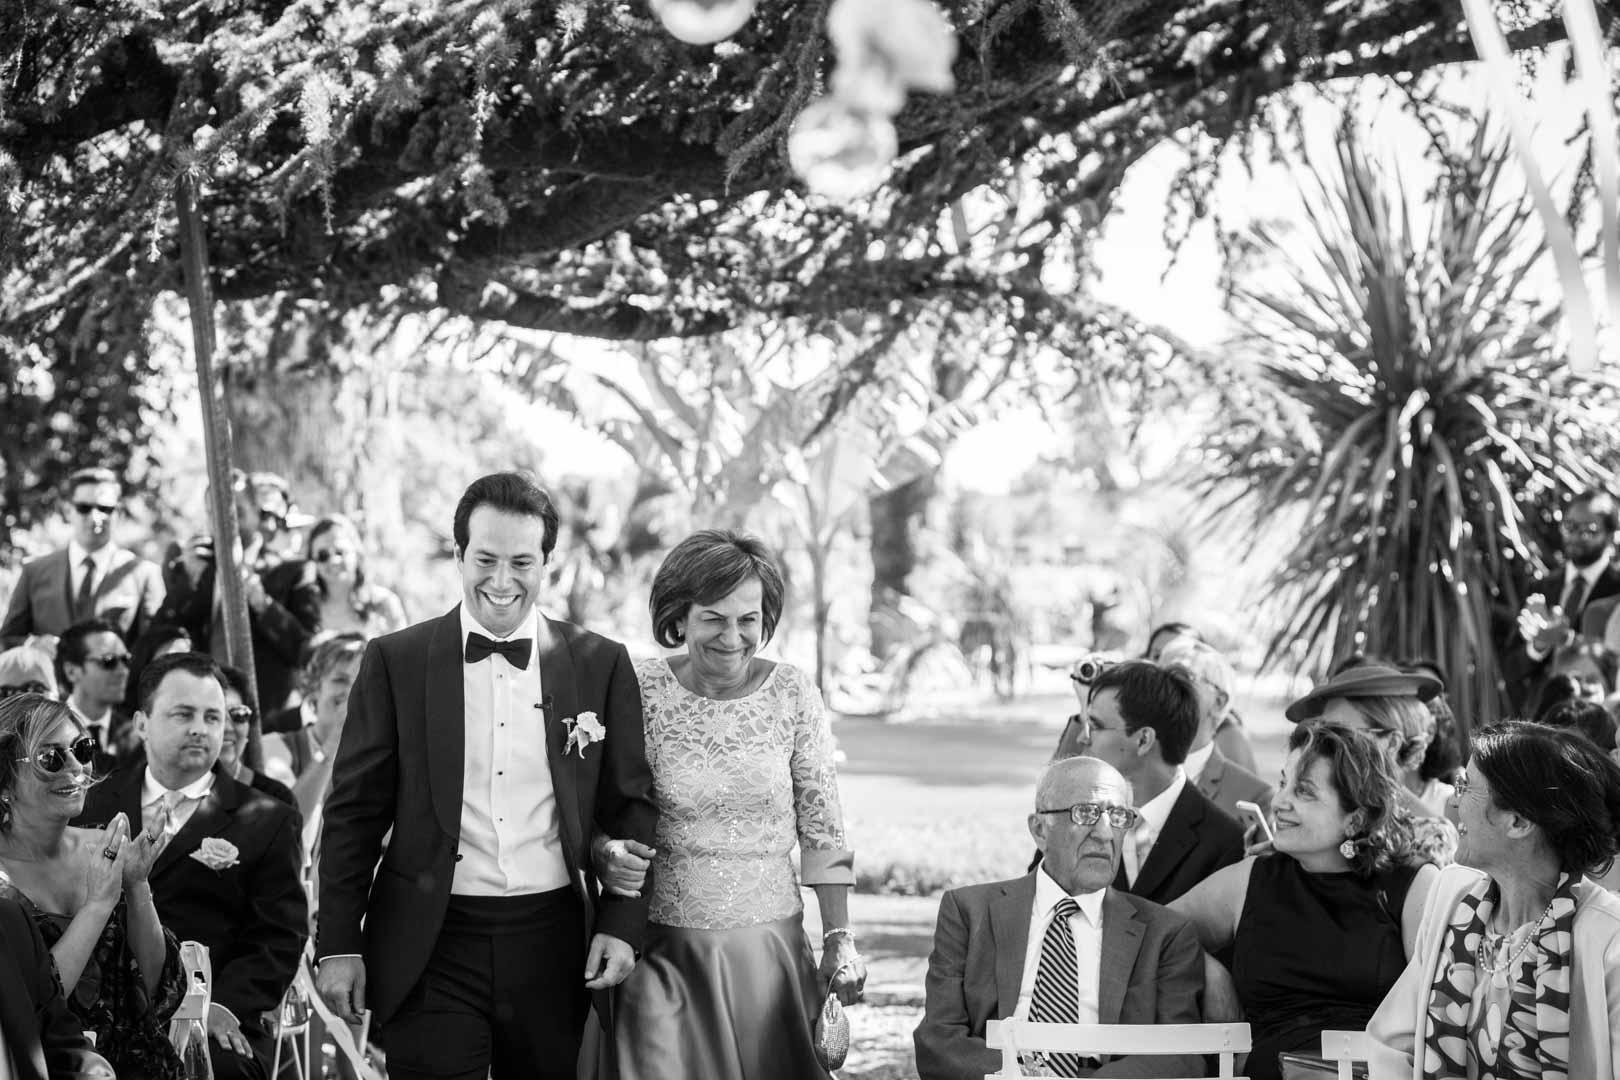 Le marié descend l'allée au bras de sa maman.